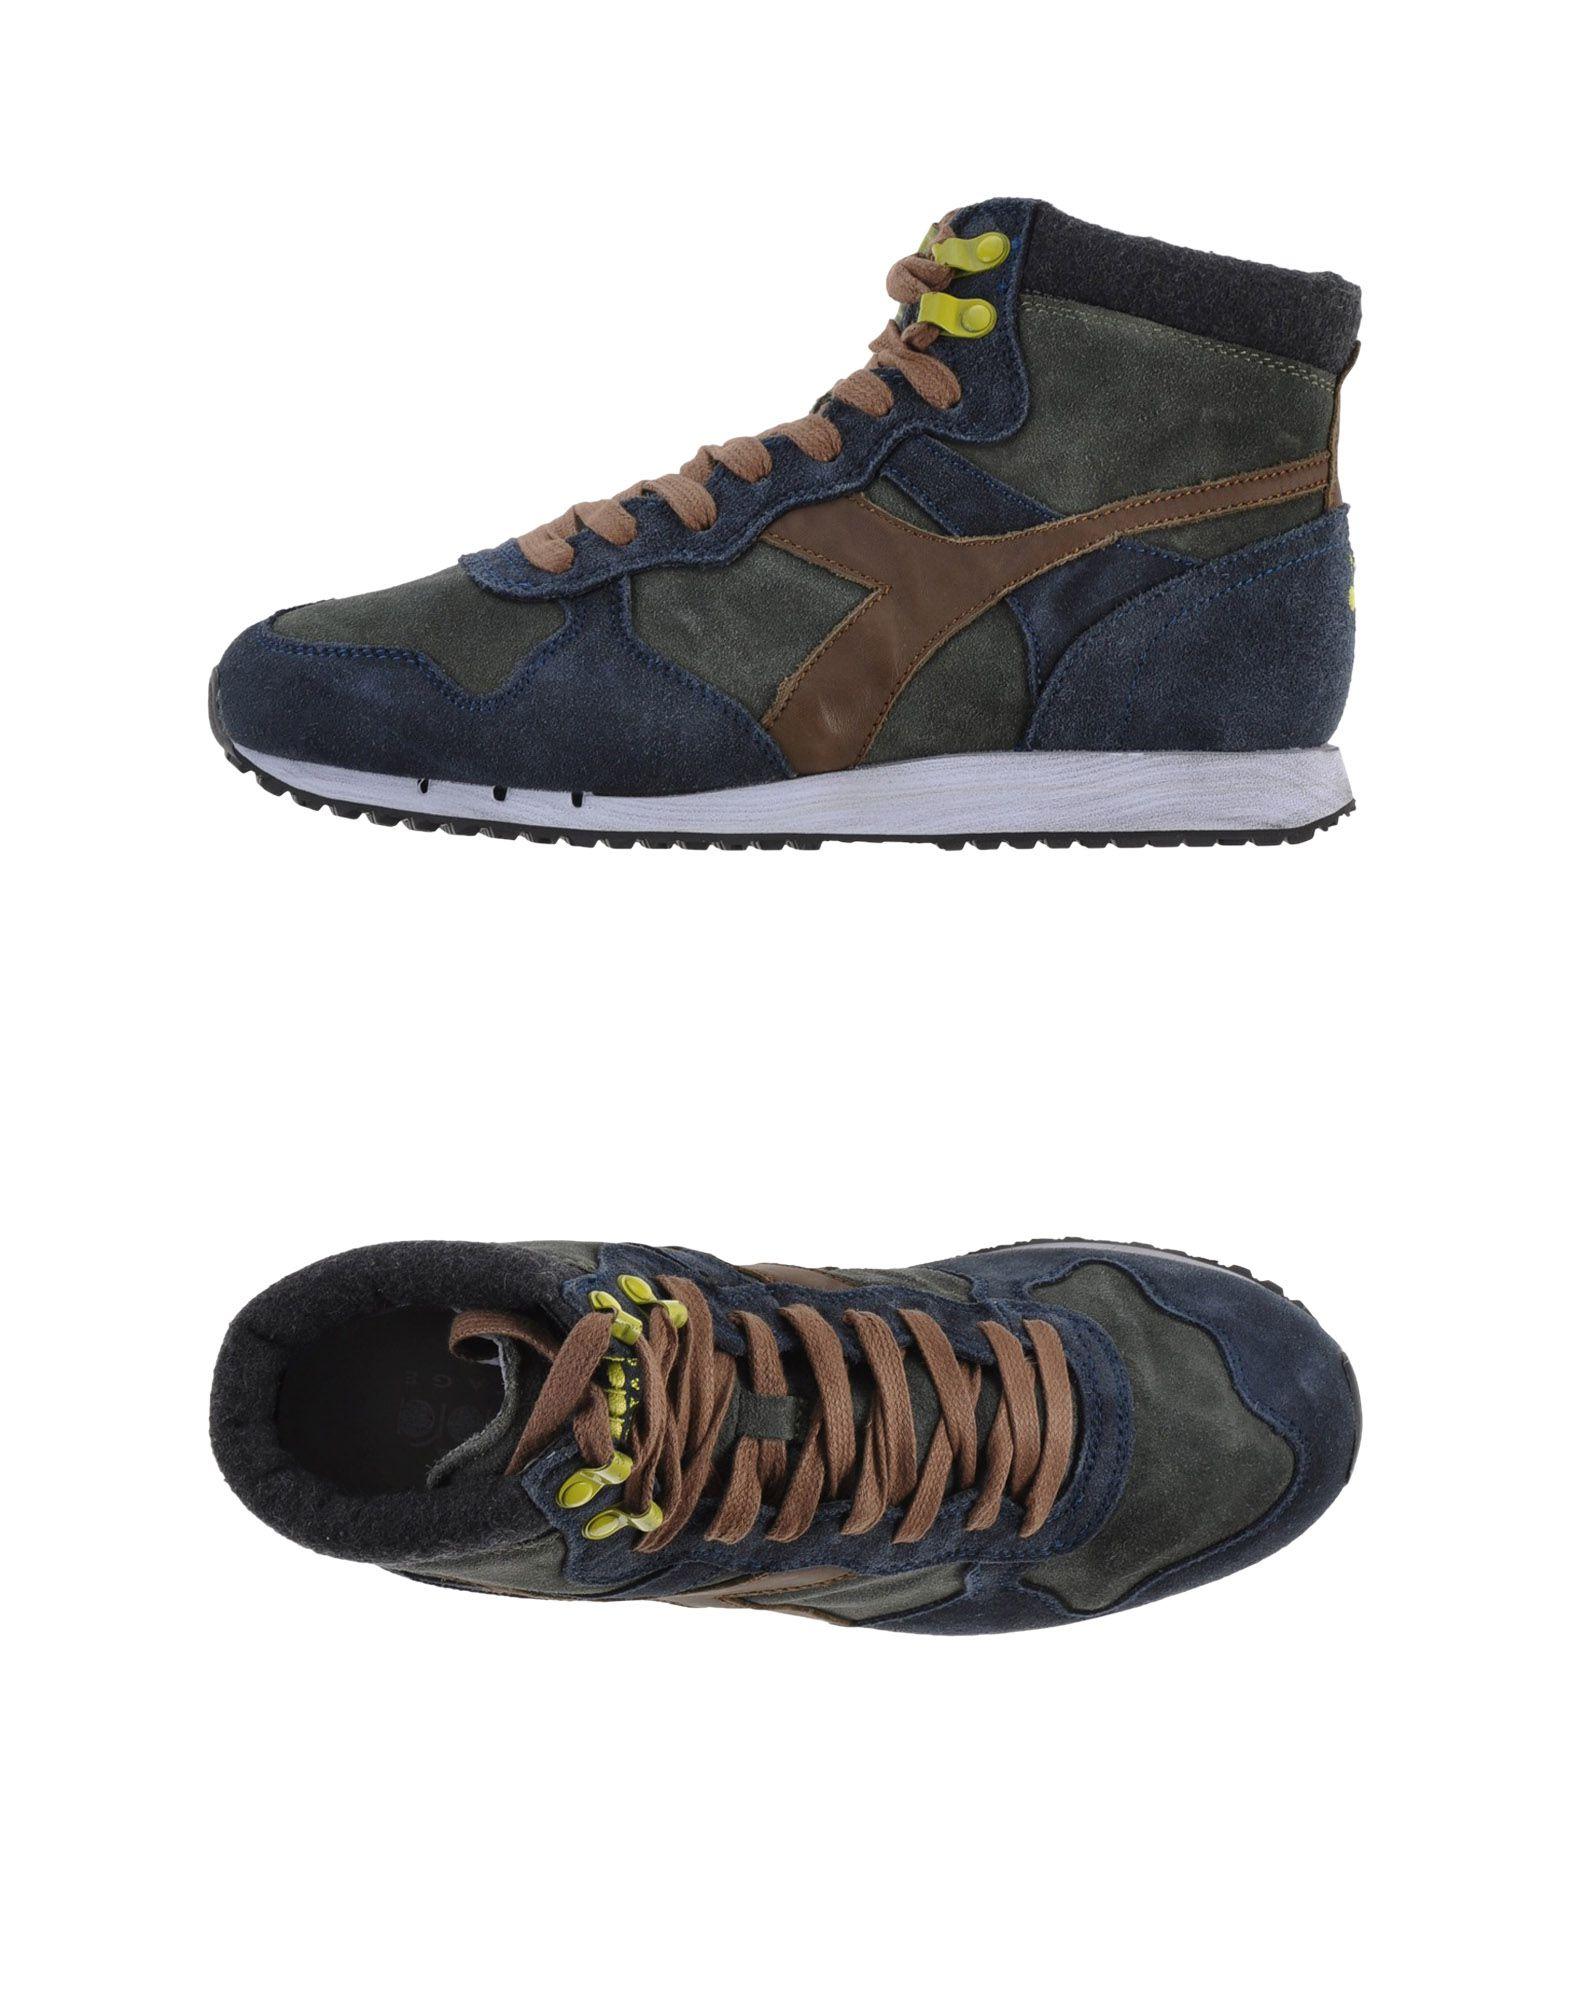 vendita uk nuovi oggetti ultimo sconto Sneakers Alte Diadora Heritage Trident Mid S Sw Donna ...